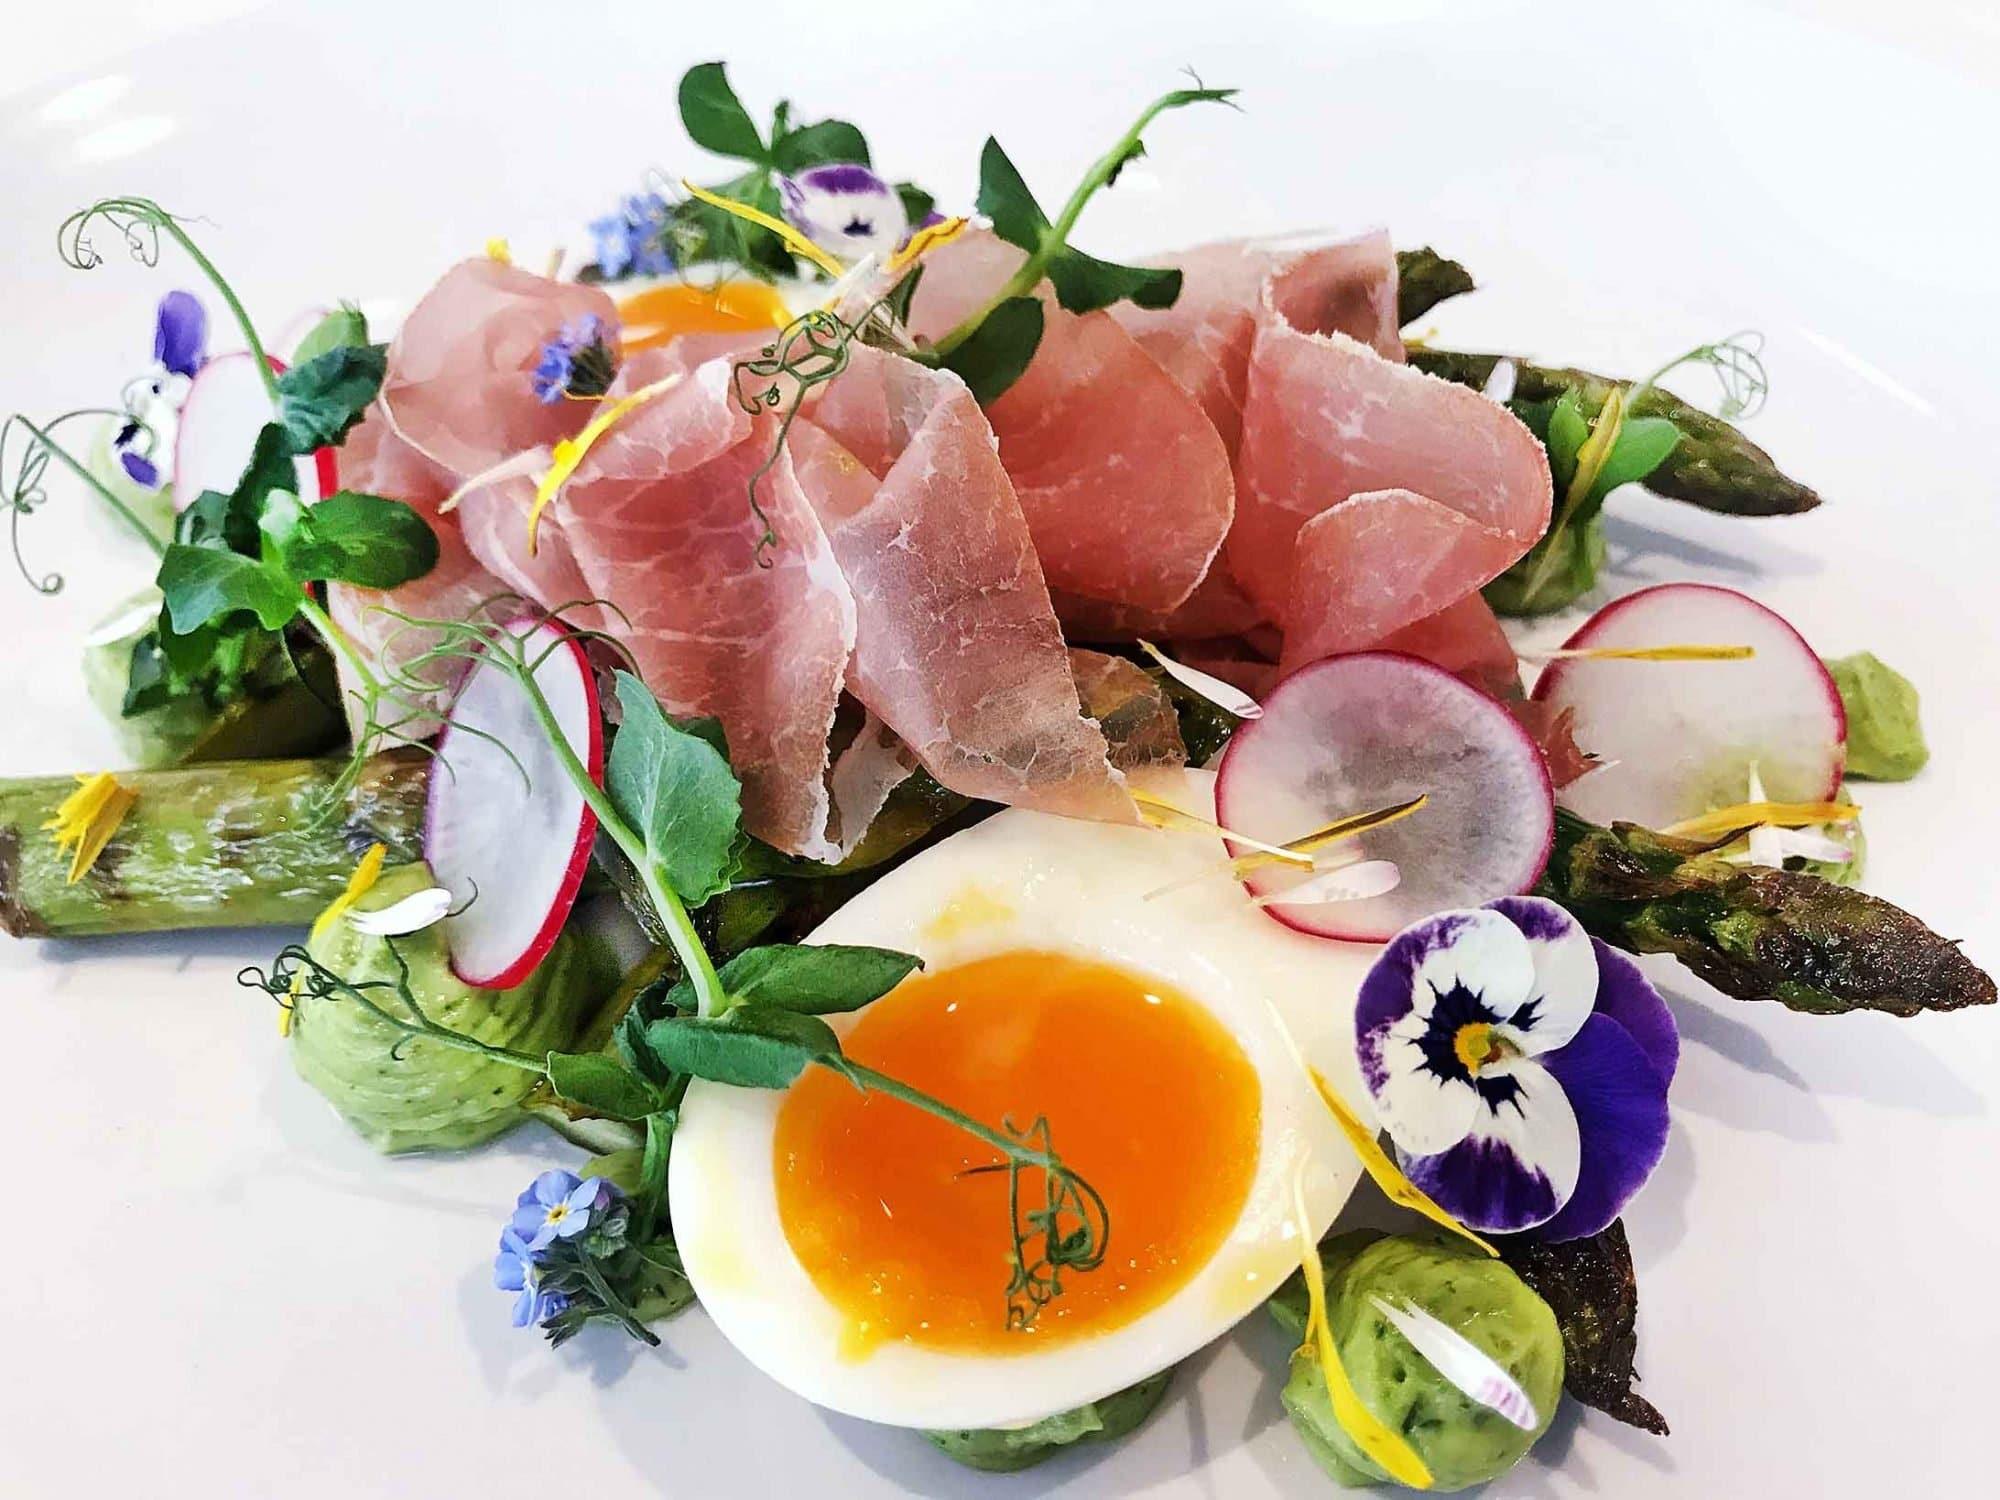 Rezeptbild: Grillierte heimische Spargeln mit wachsweichem Ei, Rohschinken und hausgemachter Kräutermayo